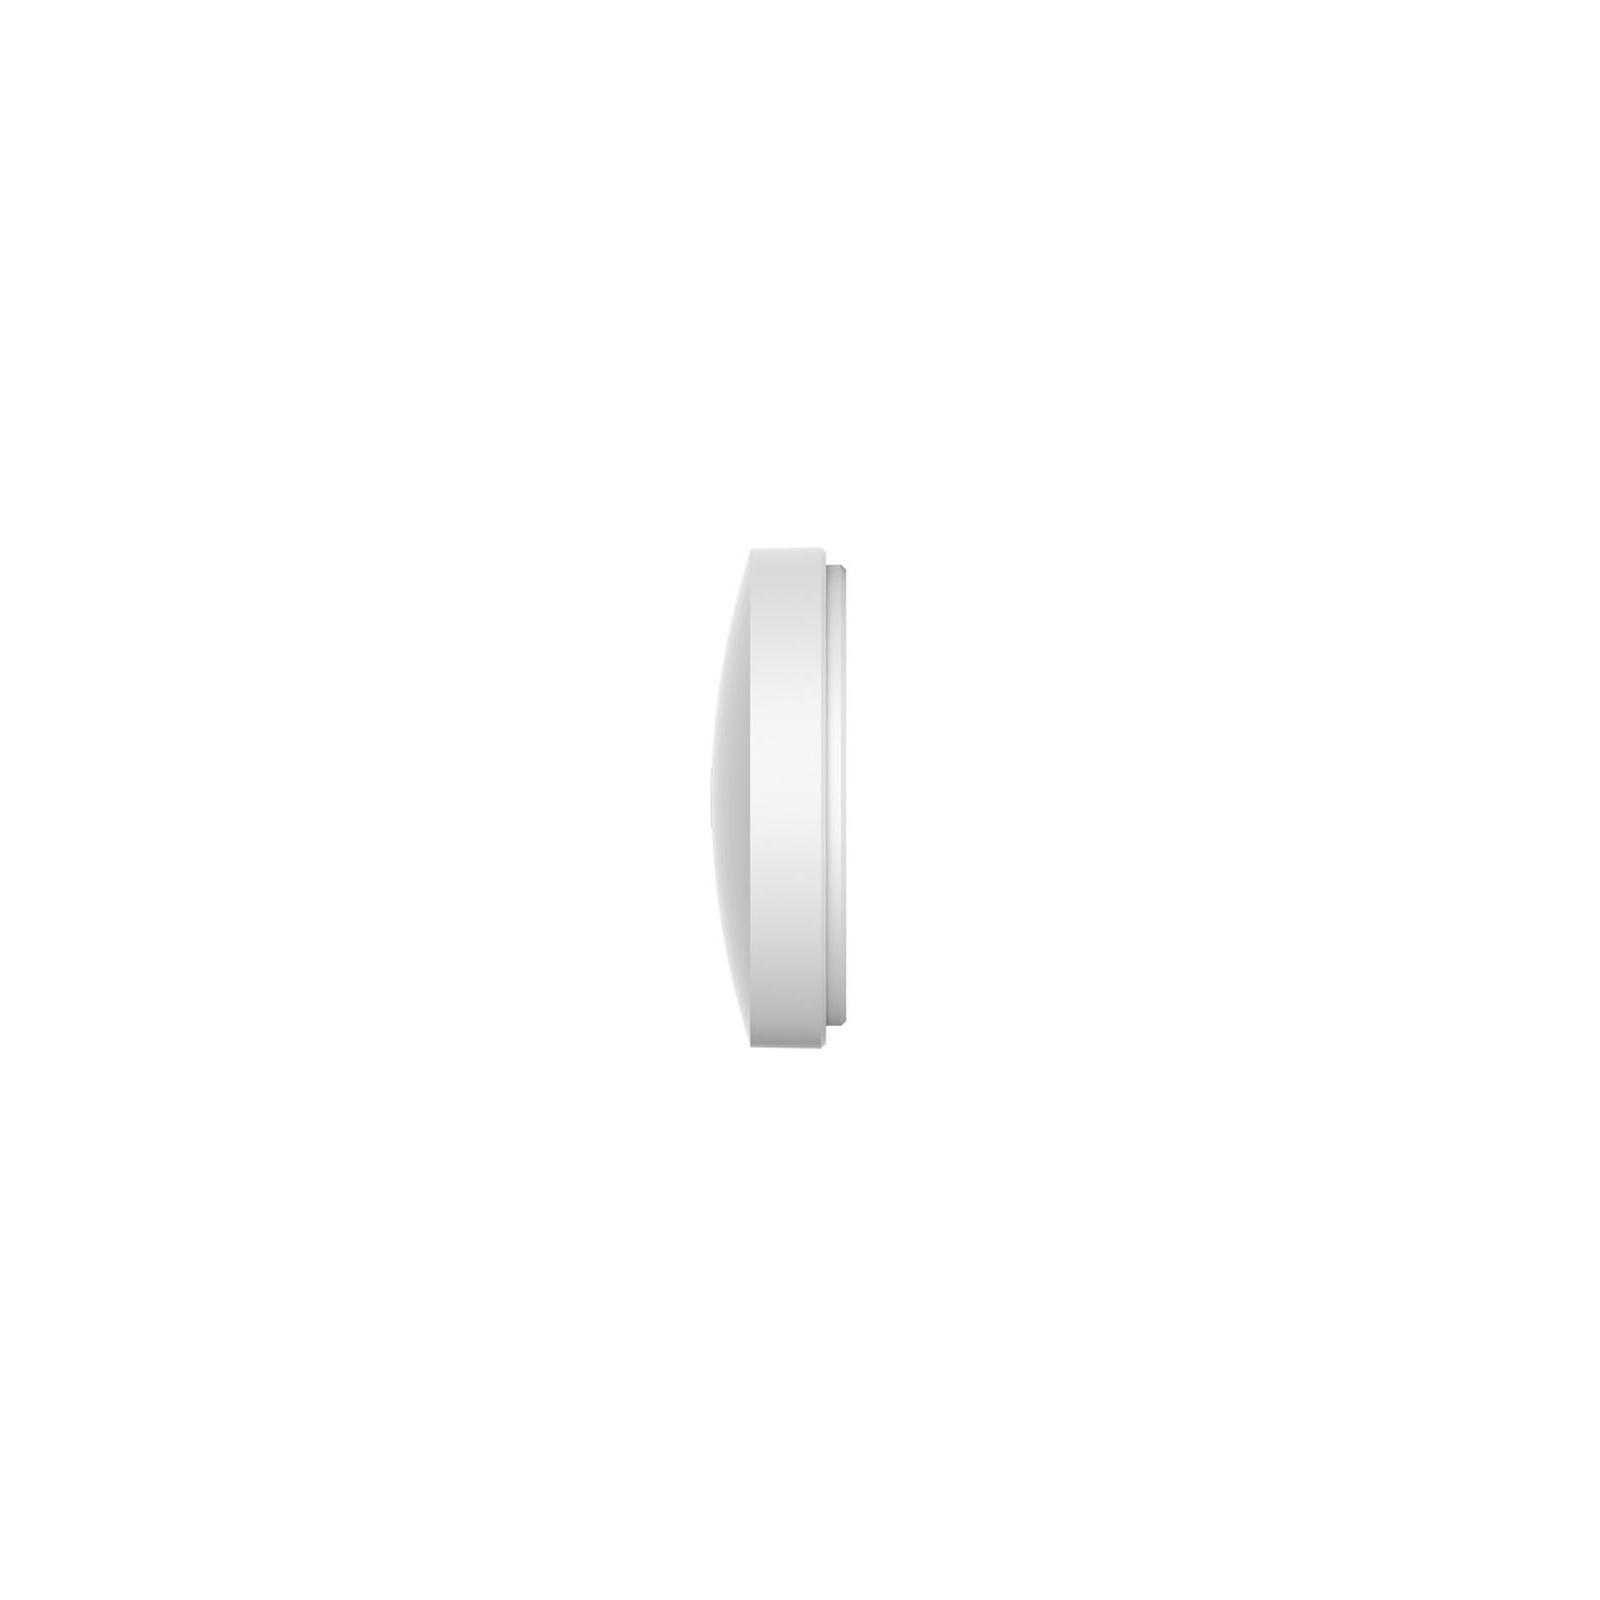 Кнопка управления беспроводными выключателями Xiaomi Mijia Wireless Switch WXKG01LM (YTC4017CN/YTC4006CN) изображение 5